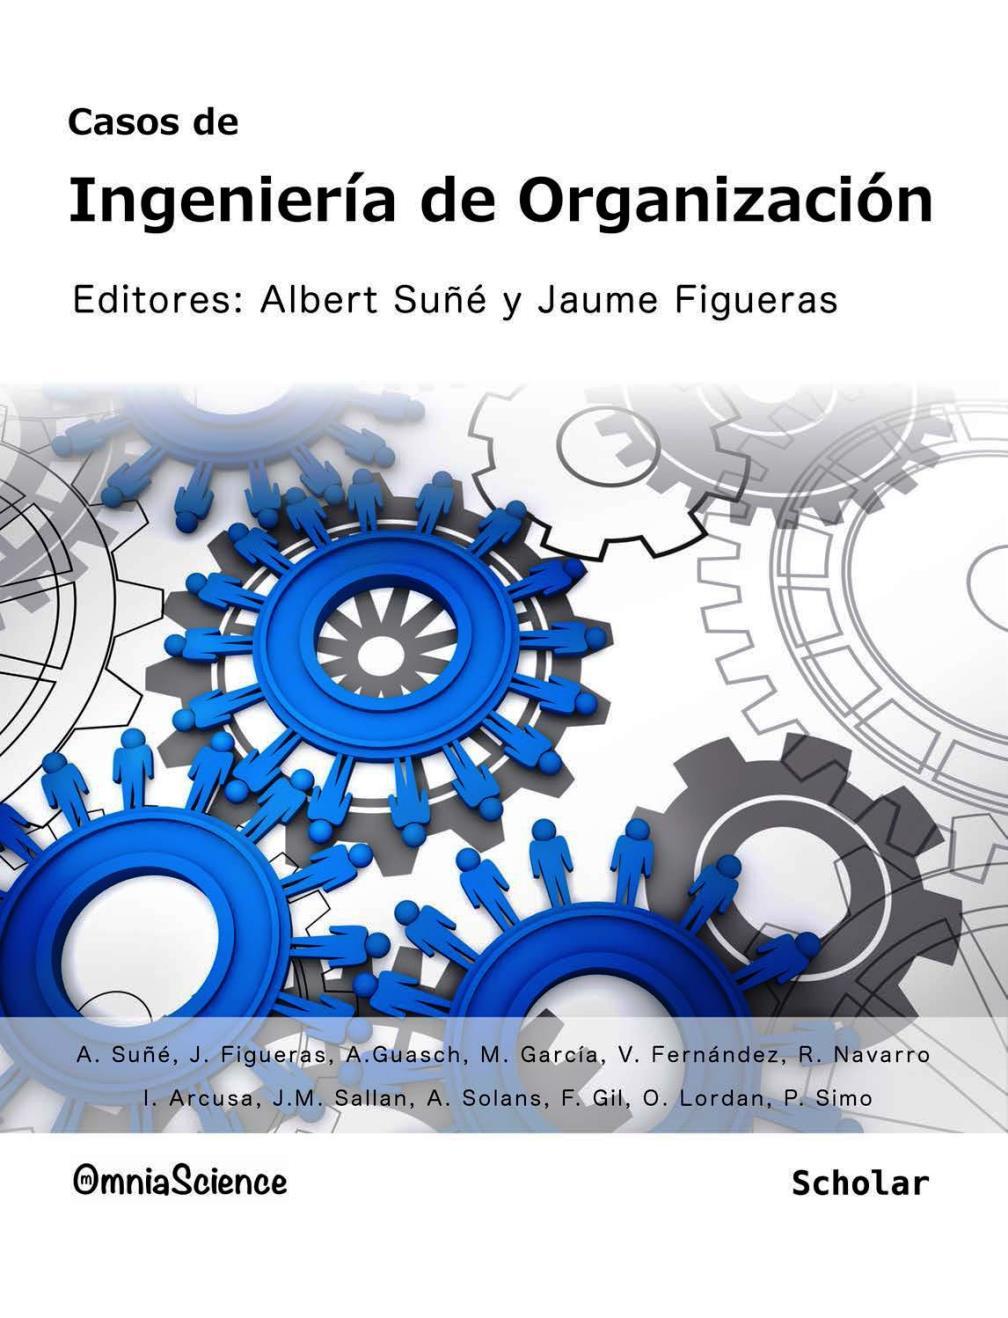 Casos de ingeniería de organización